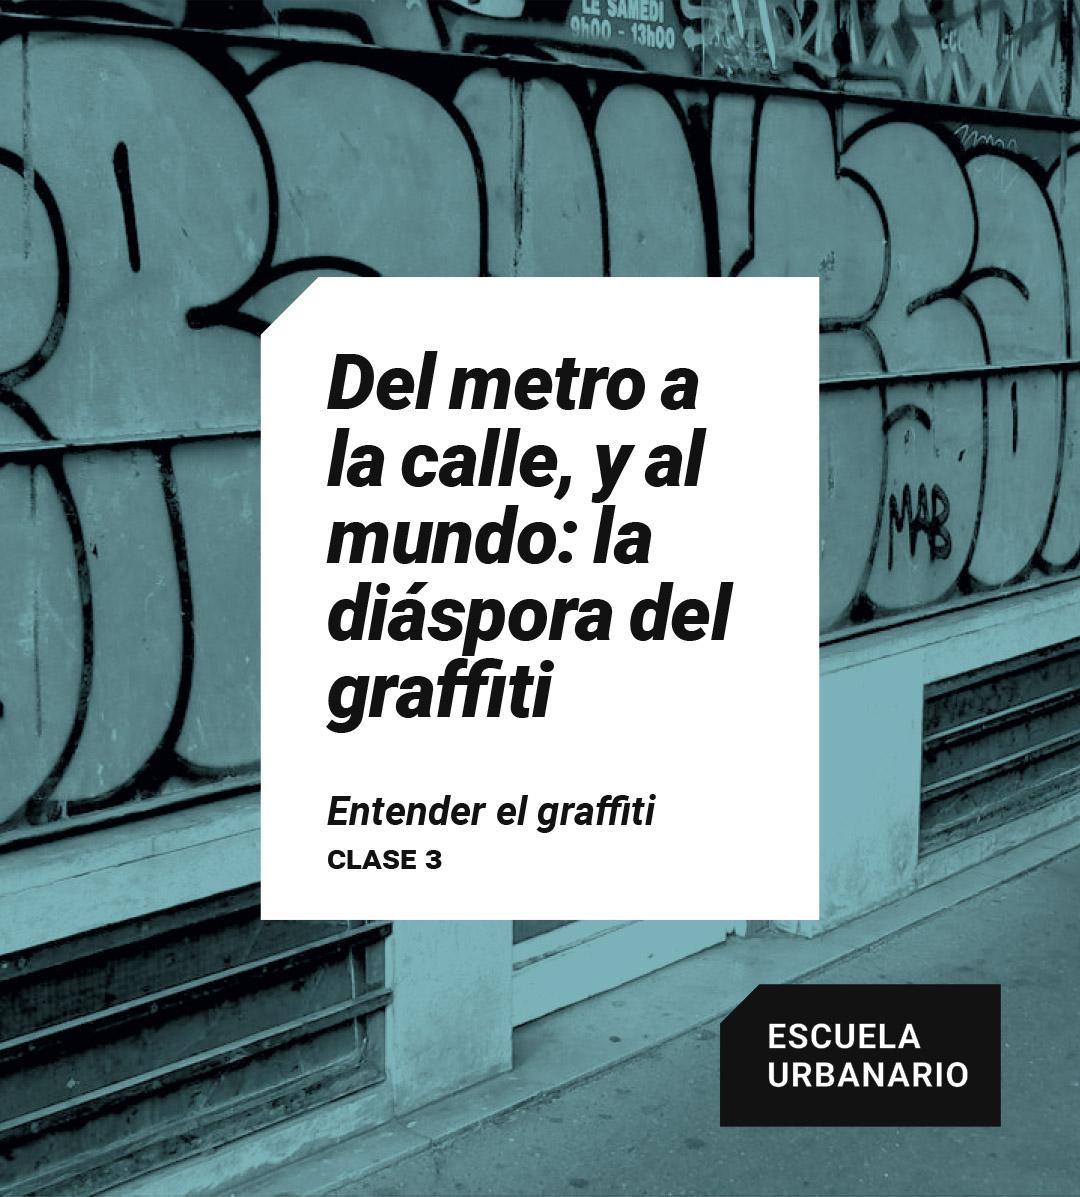 La diáspora del graffiti